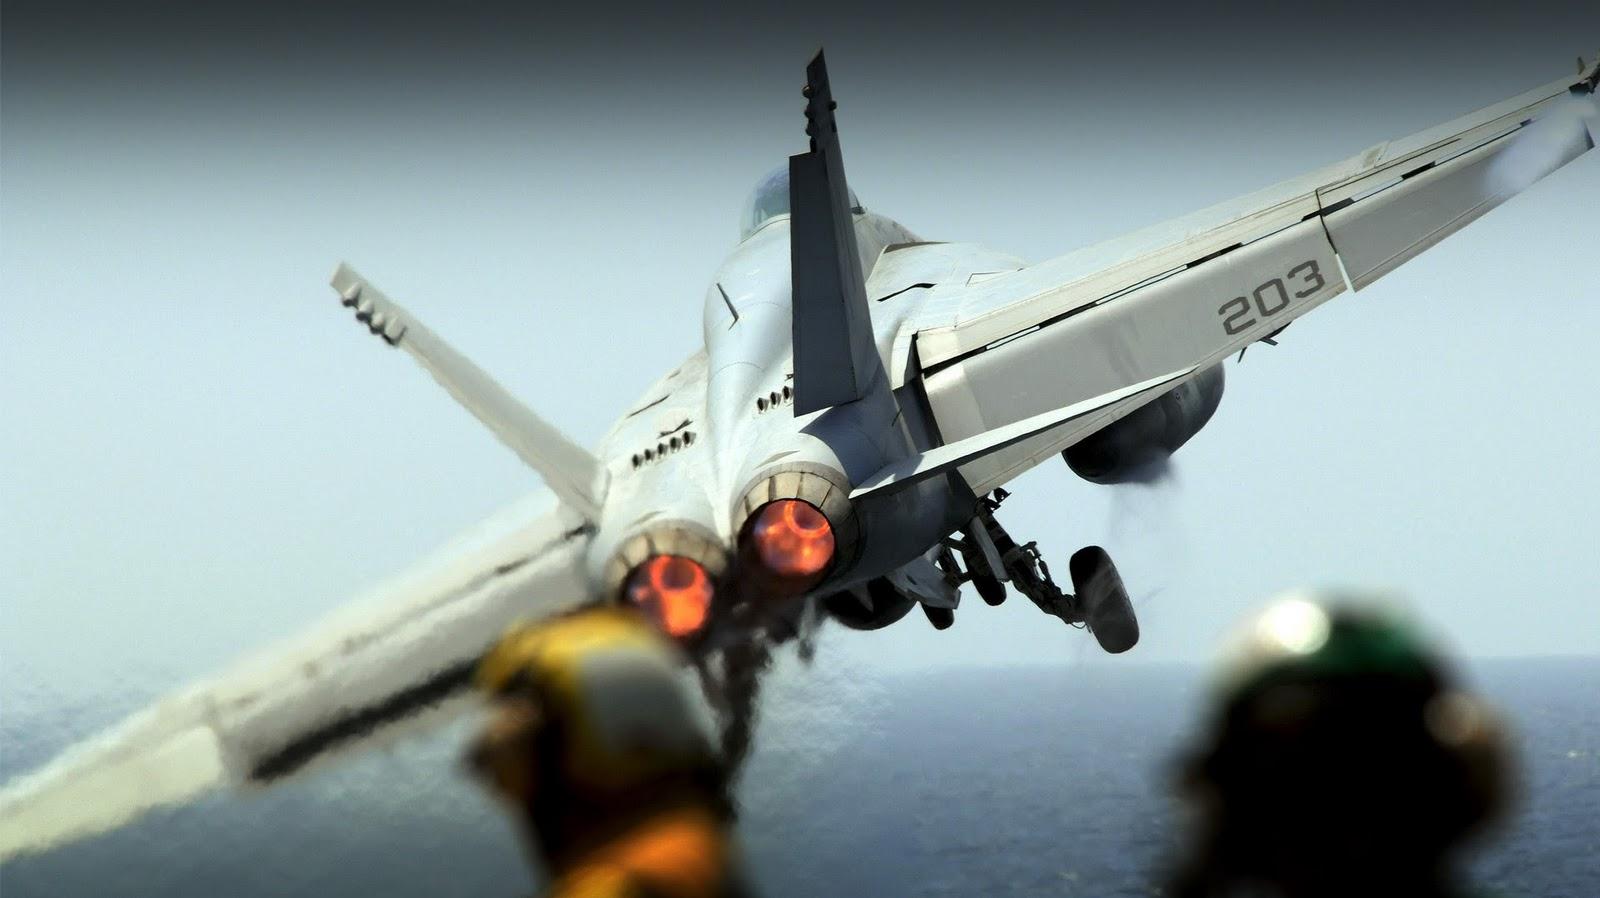 http://3.bp.blogspot.com/-u96tJe9qubY/TZbCLSKFgZI/AAAAAAAAFKU/91dDUt5rQz0/s1600/FA-18E-Super-Hornet-1200.jpg